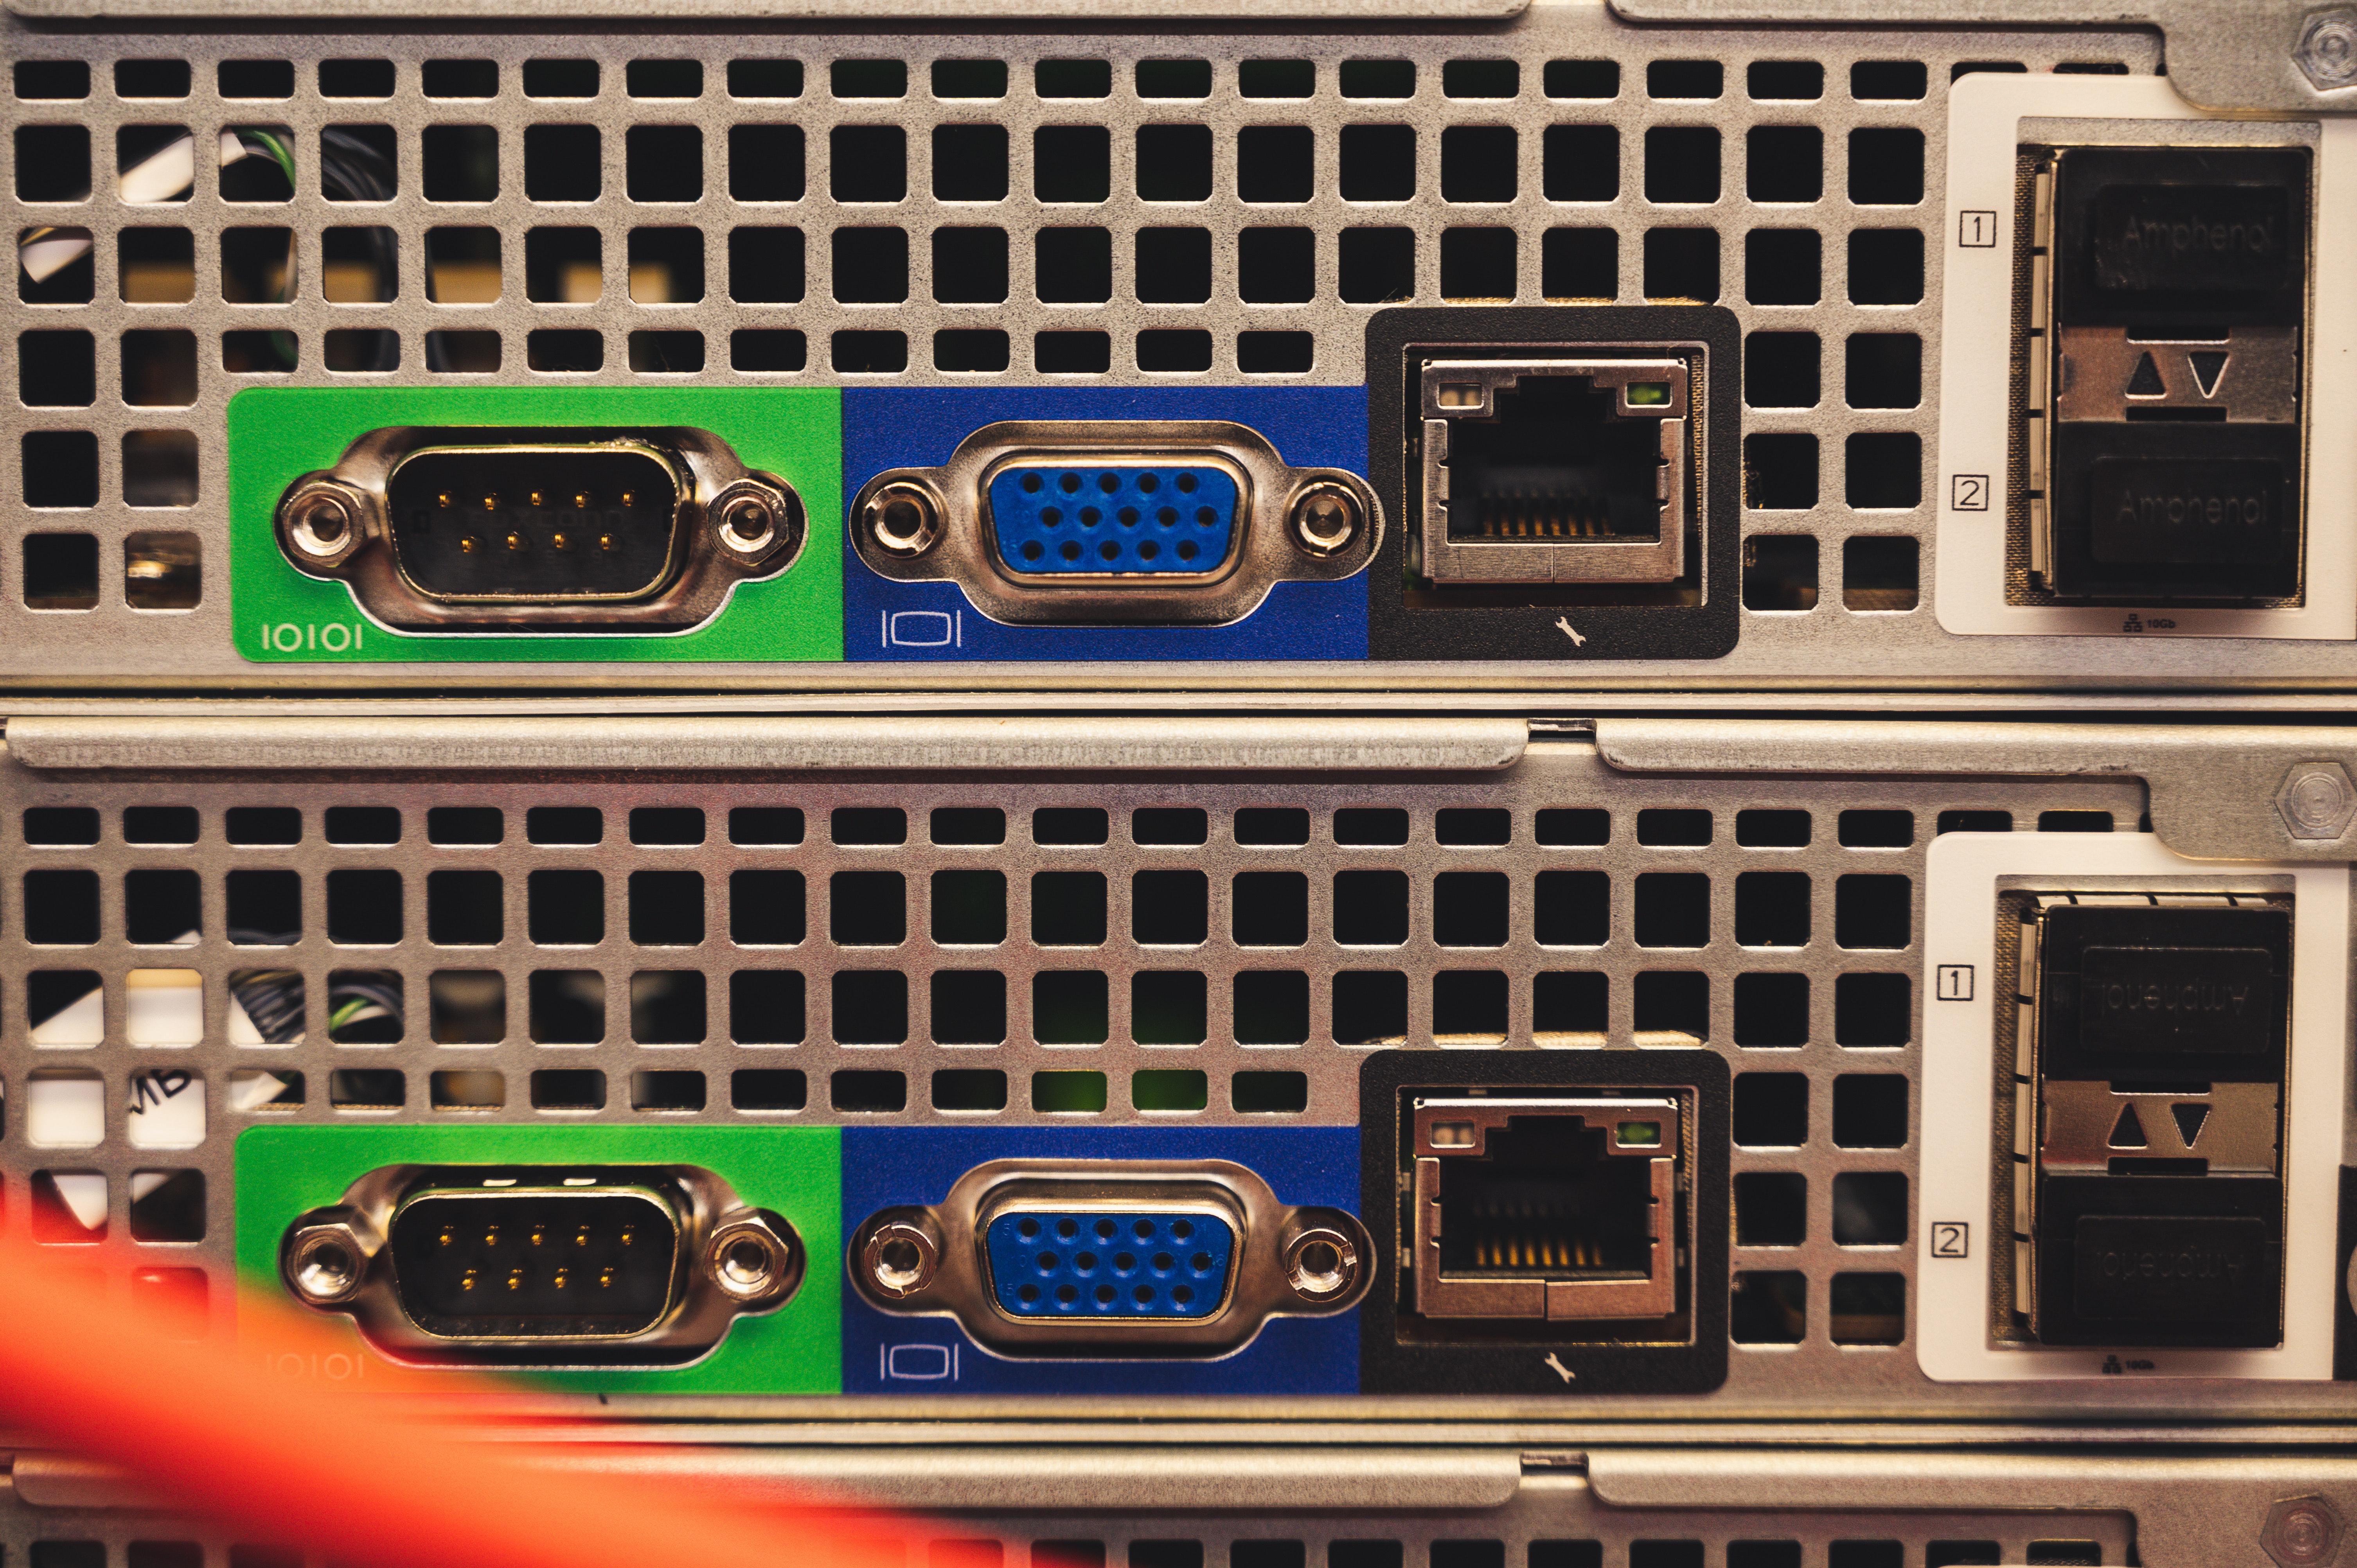 KB3209501 Update for SCCM 1610